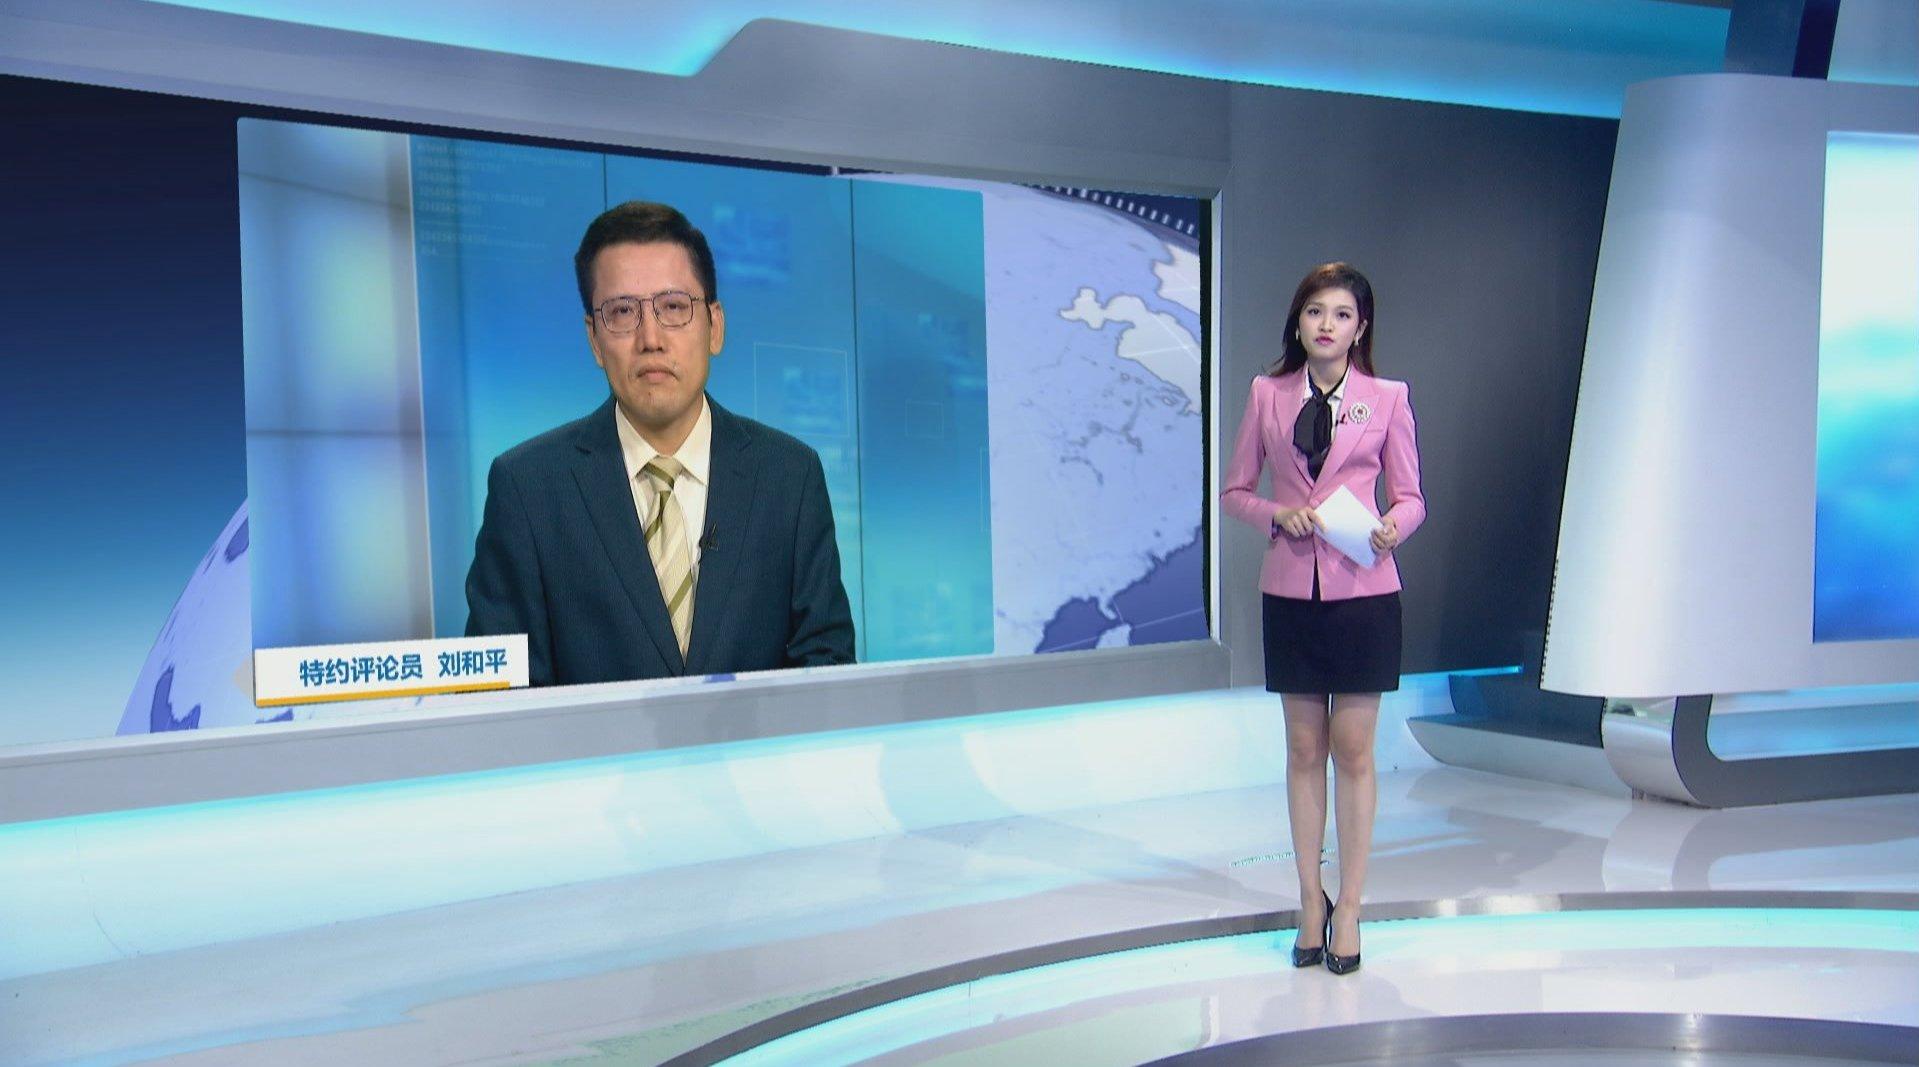 刘和平: 郭台铭分别结盟宋楚瑜柯文哲 最大受害者是国民党